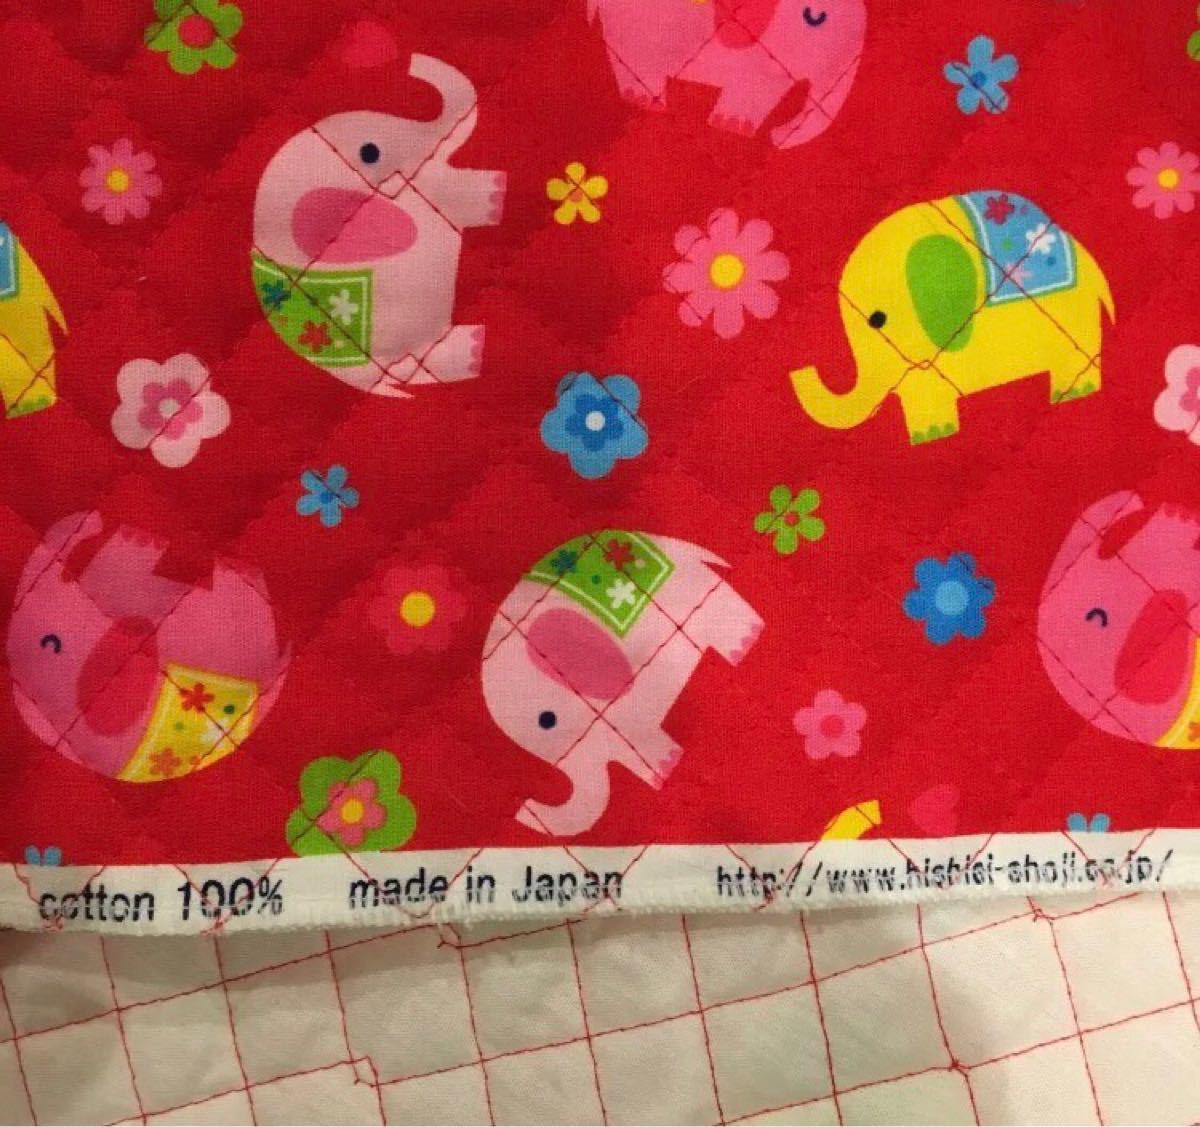 キルティング生地 ゾウさん柄 赤色 56cm×65cm 日本製